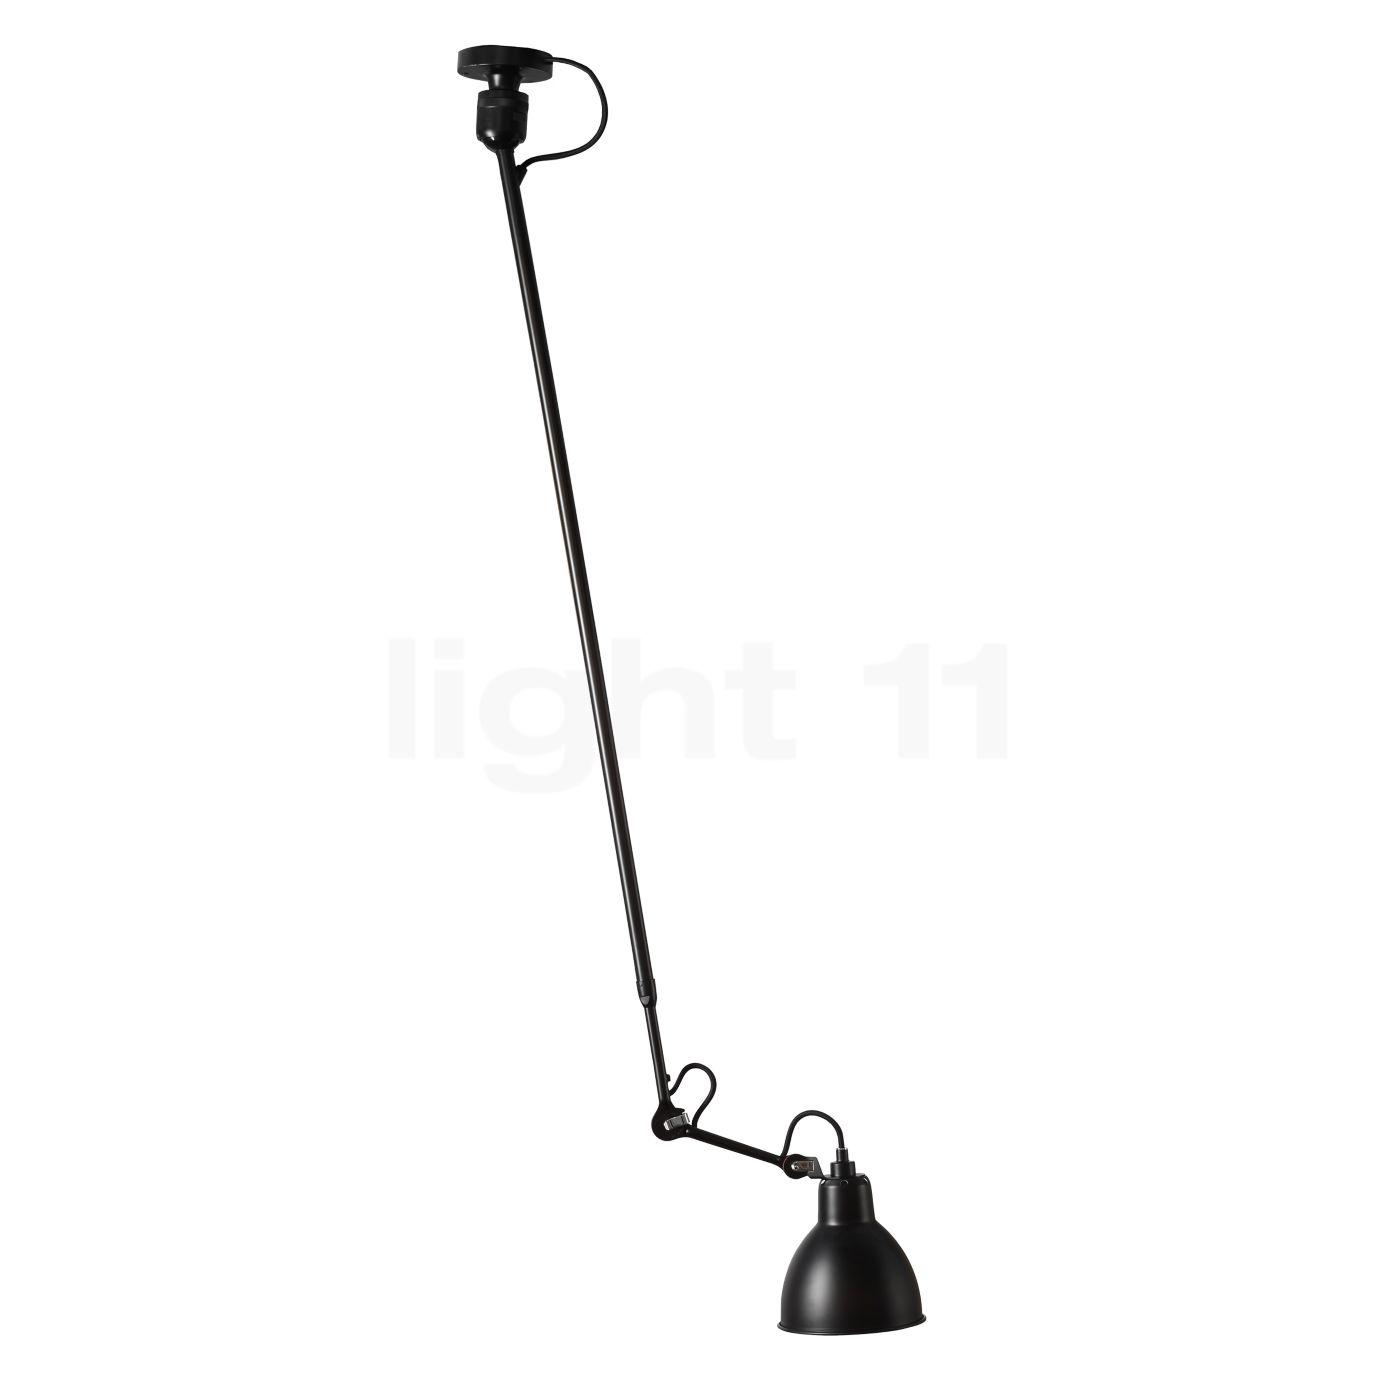 dcw lampe gras no 302 l deckenleuchte kaufen bei. Black Bedroom Furniture Sets. Home Design Ideas